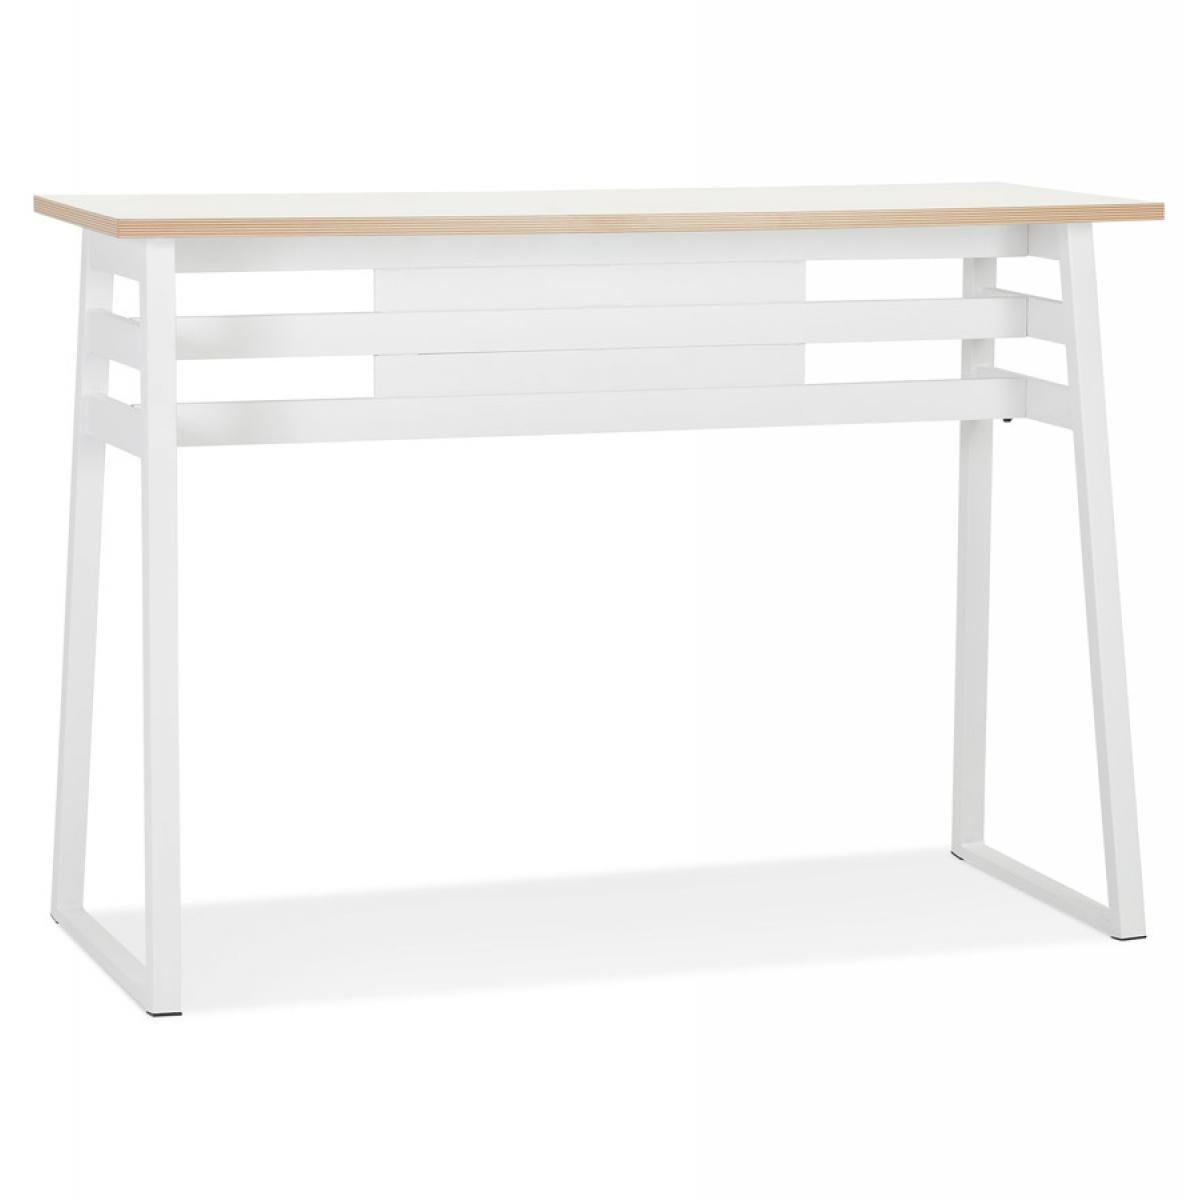 Alterego Table de bar haute 'NIKI' bois et métal blanc - 150x60 cm